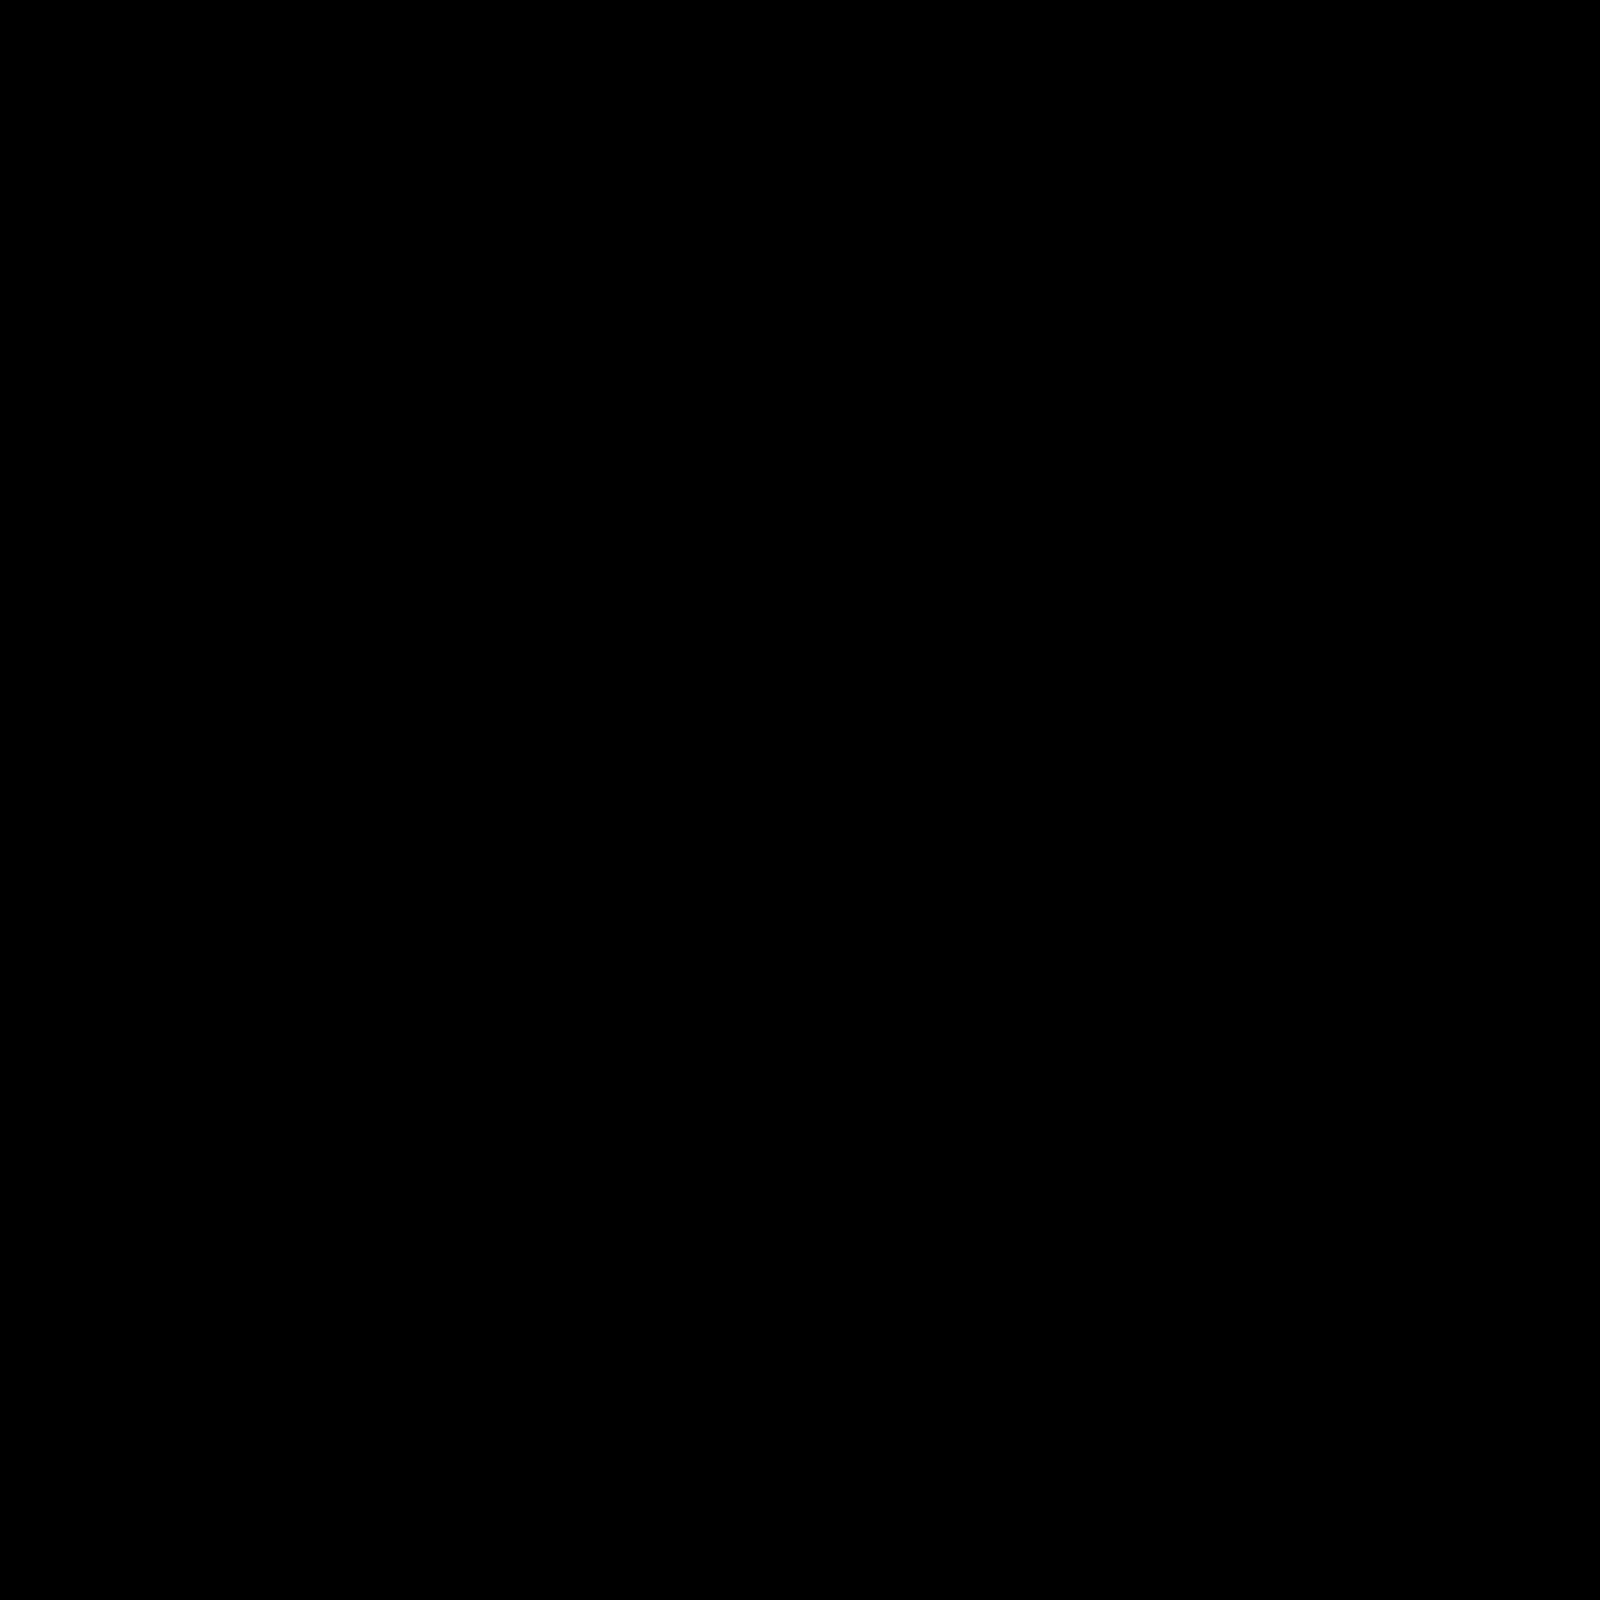 比較 icon. This icon shows two pieces of paper dog-eared on the top right corner, and slightly overlapping each other. The leftmost page is in the forefront and features an arrow pointing to the right. The page in the background has an arrow facing to the left.